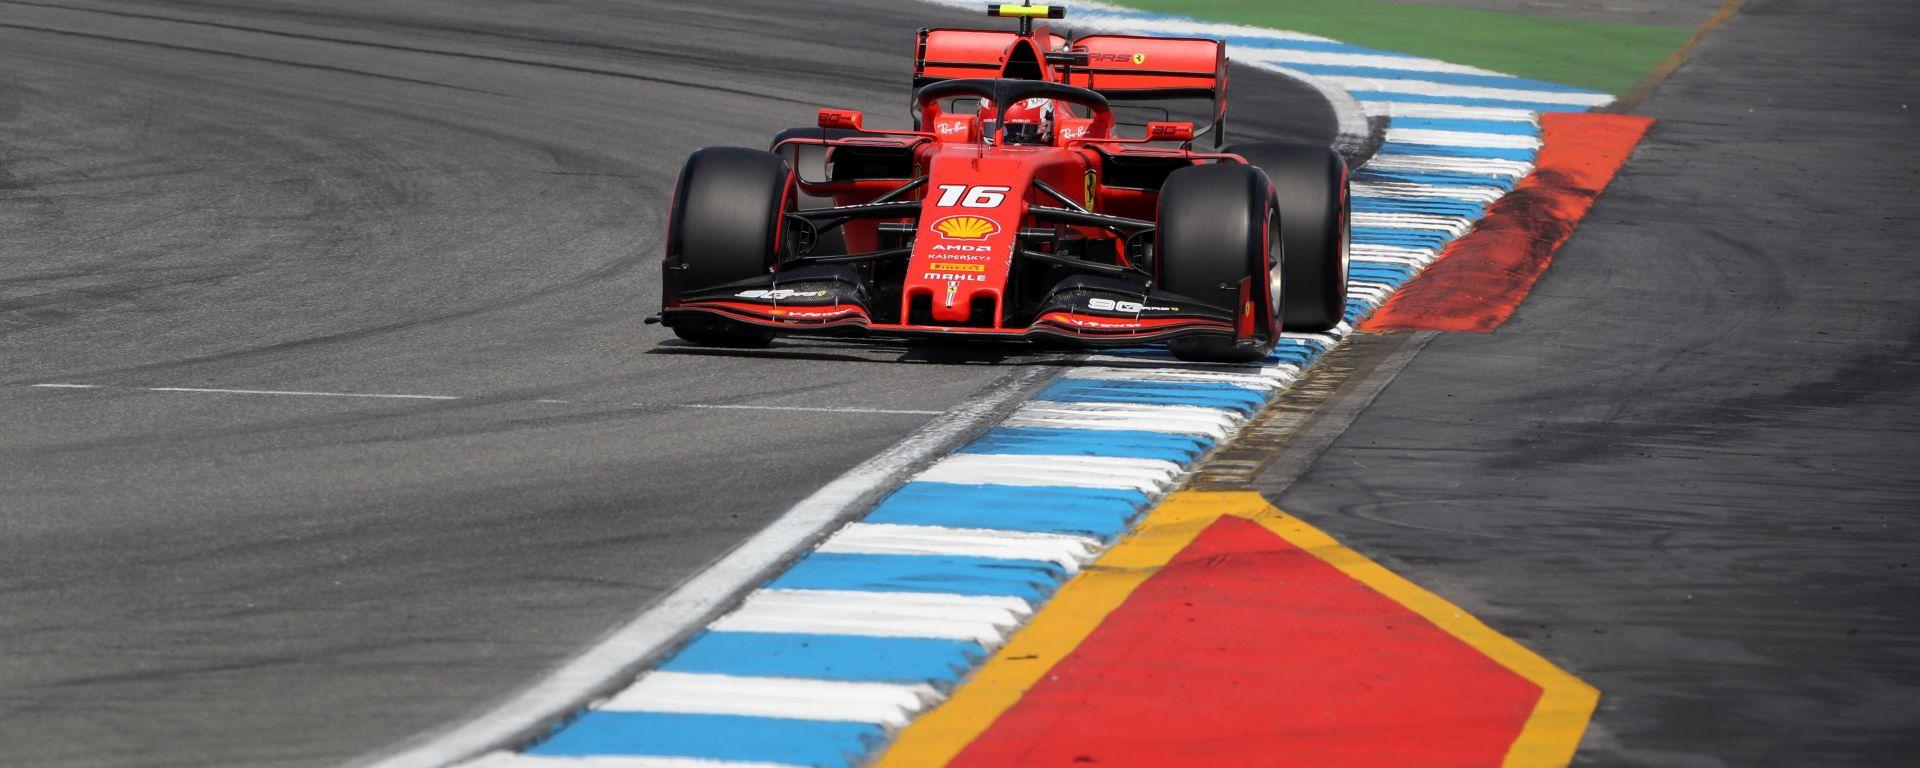 F1 GP Germania 2019, Charles Leclerc è stato il più rapido al termine delle PL2